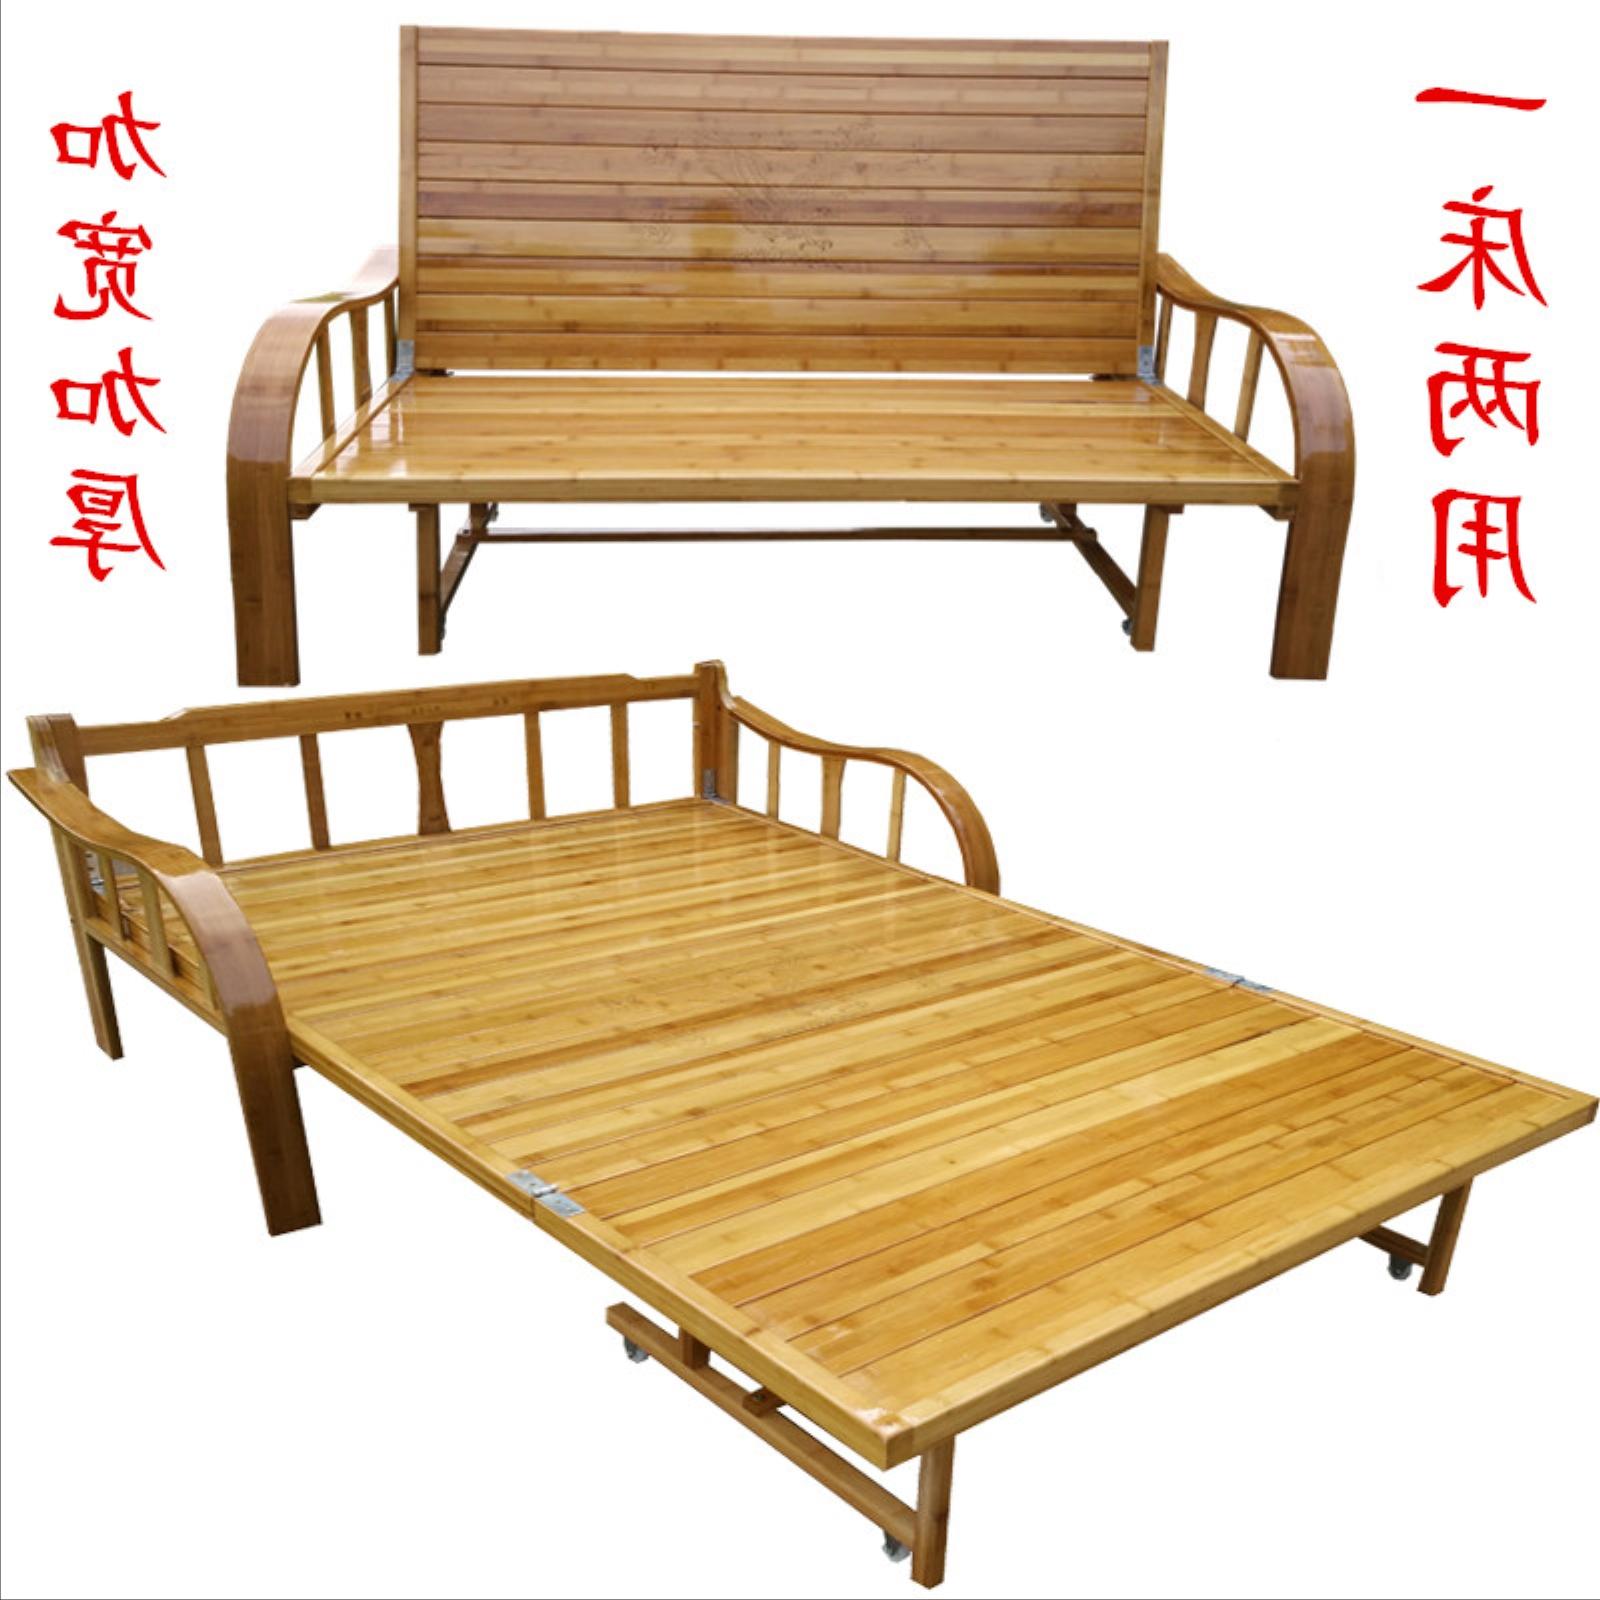 ไม้ไผ่ไม้ไผ่สองเตียงเตียงพับเตียงโซฟาเตียงเตียงไม้เนื้อแข็งถ่านไม้ไผ่นอนเตียงอเนกประสงค์